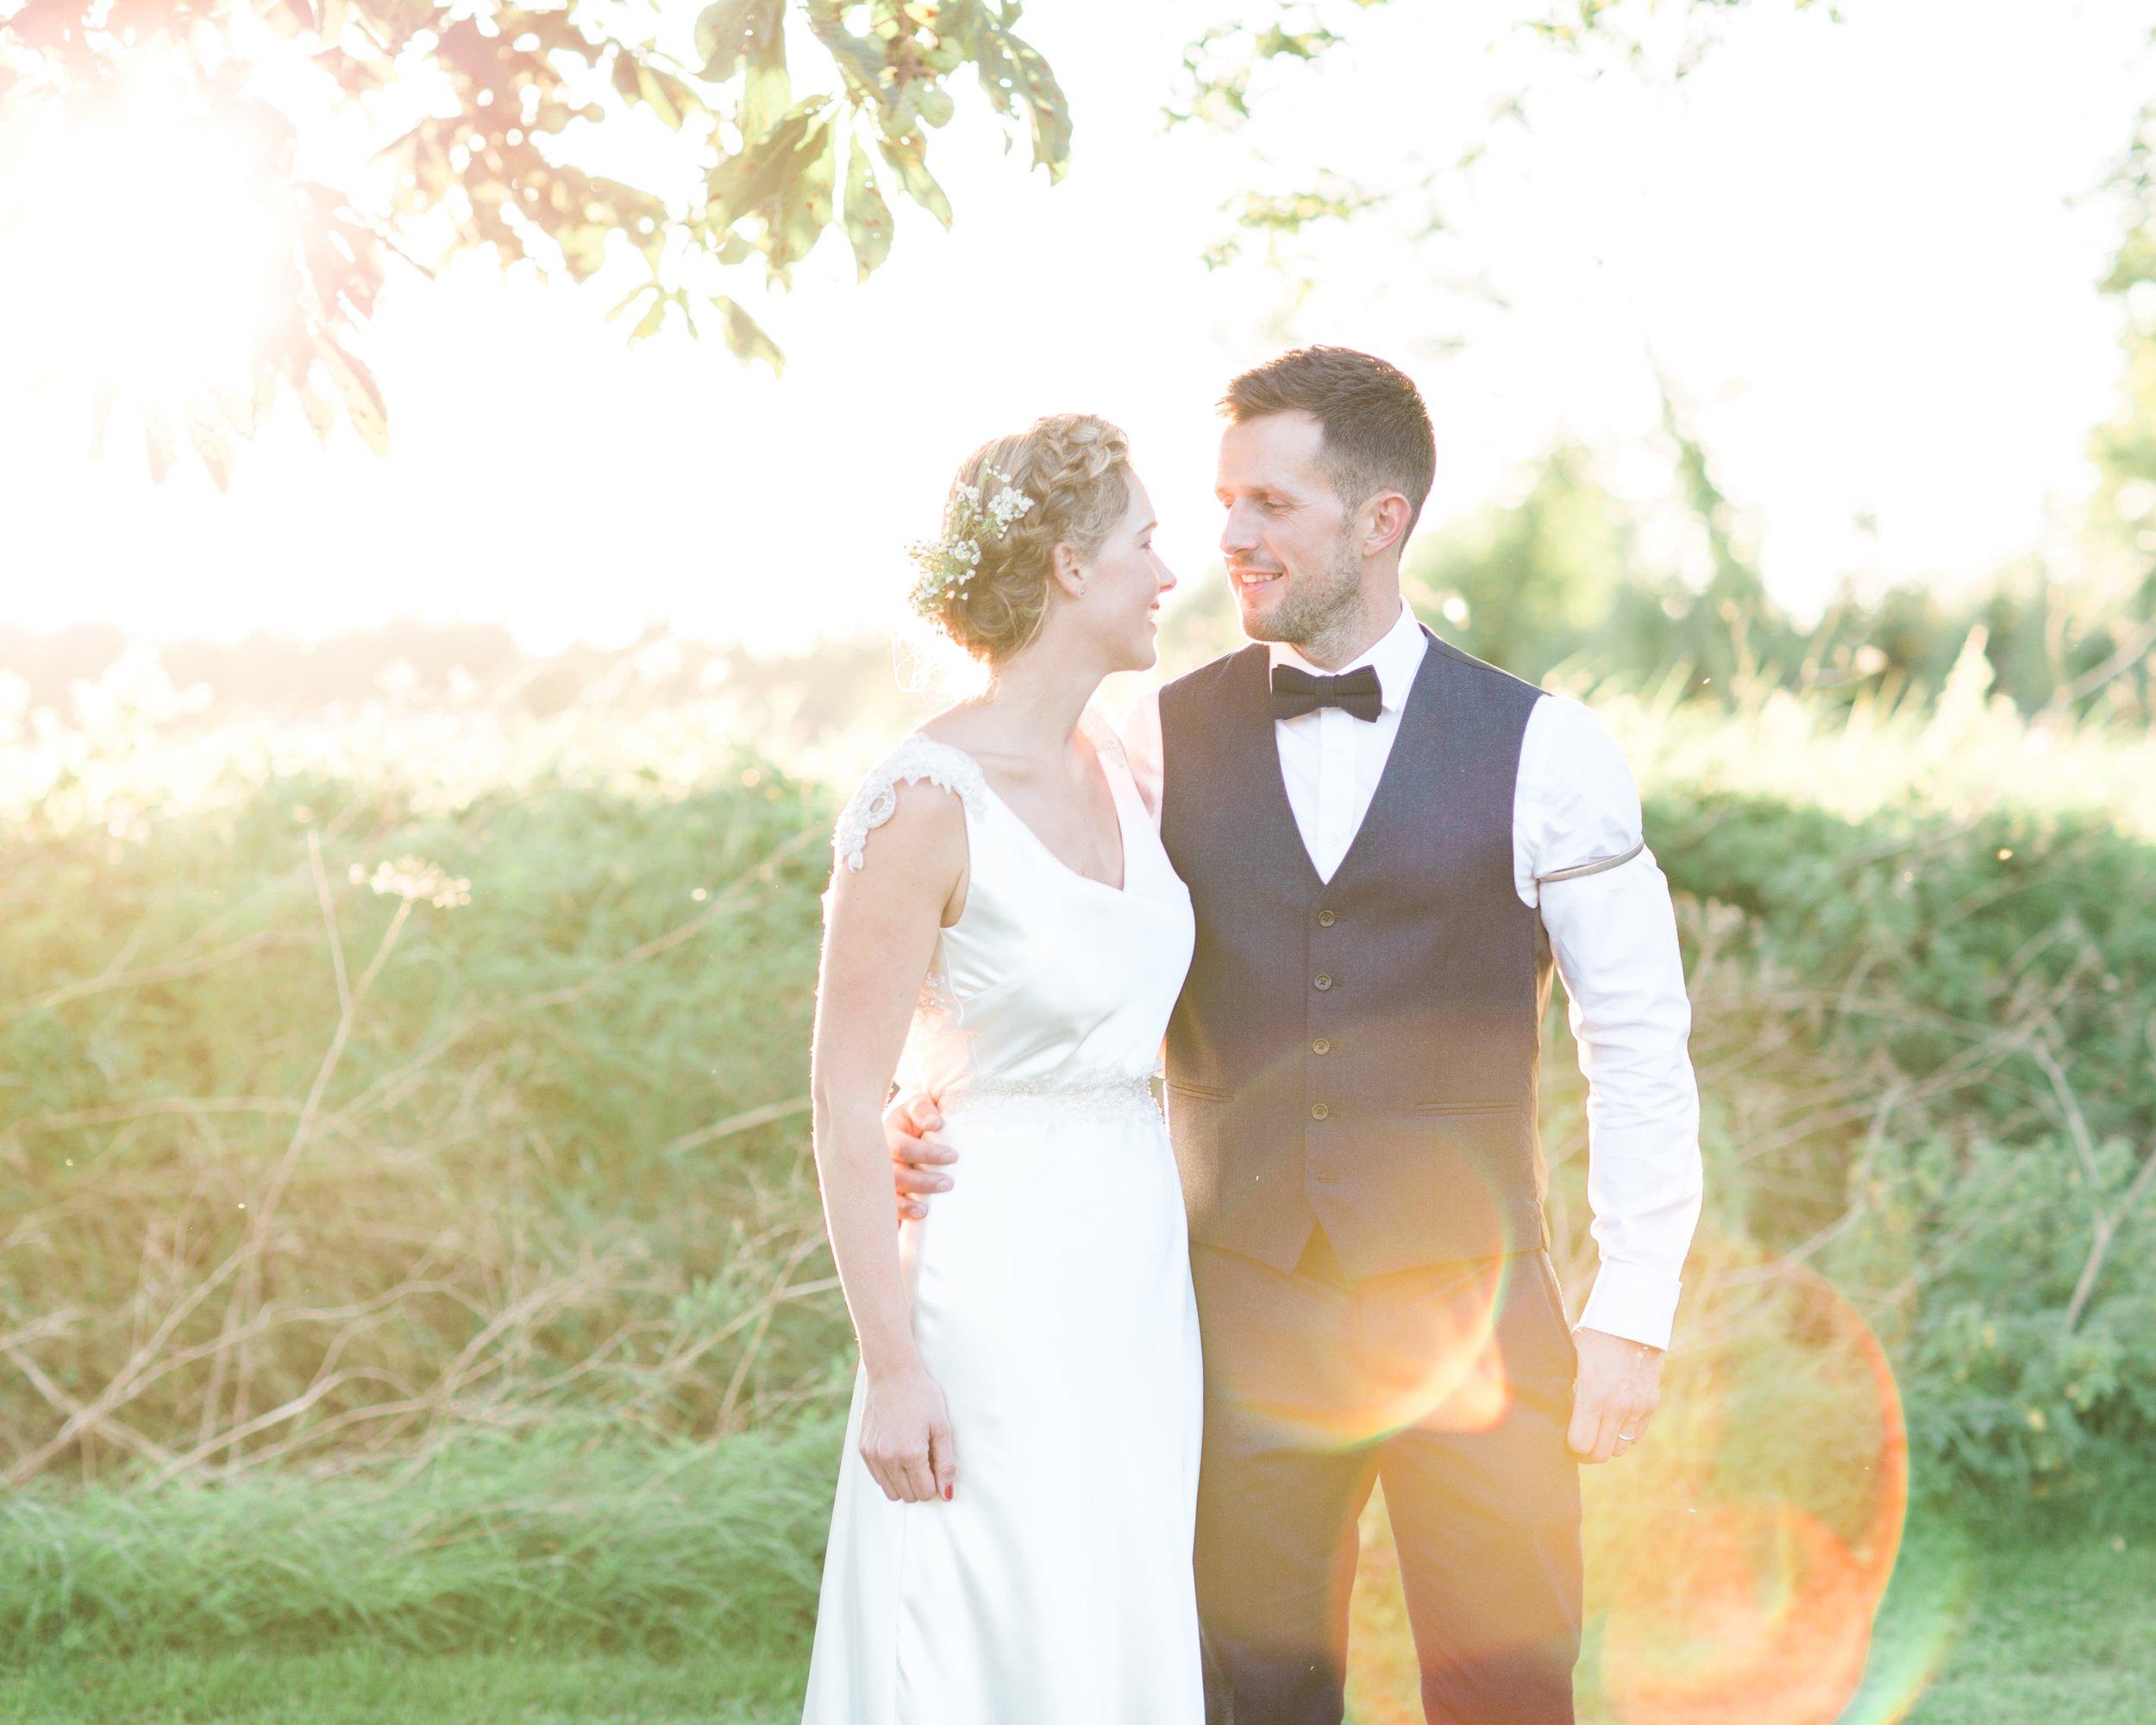 creception-Waghorn-wedding-summerlilystudio-475-min.jpg